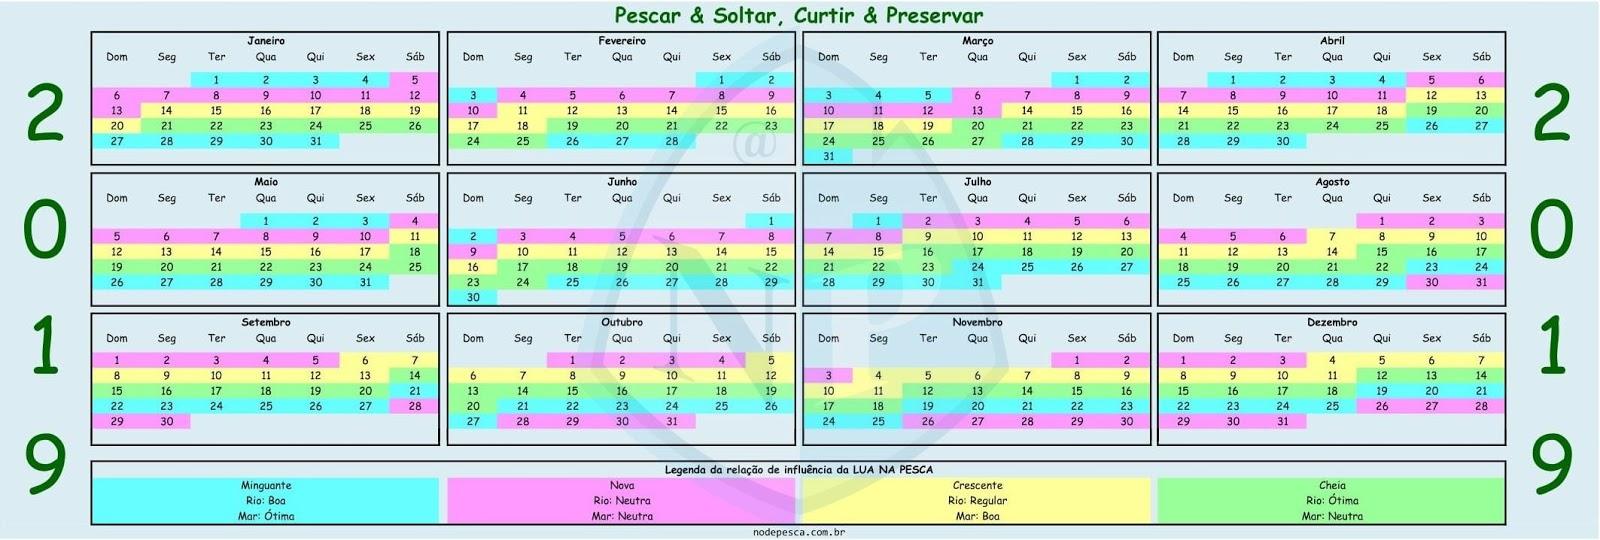 Calendario De Pesca.Top 10 Punto Medio Noticias Calendario Lunar 2019 Pesca Portugal